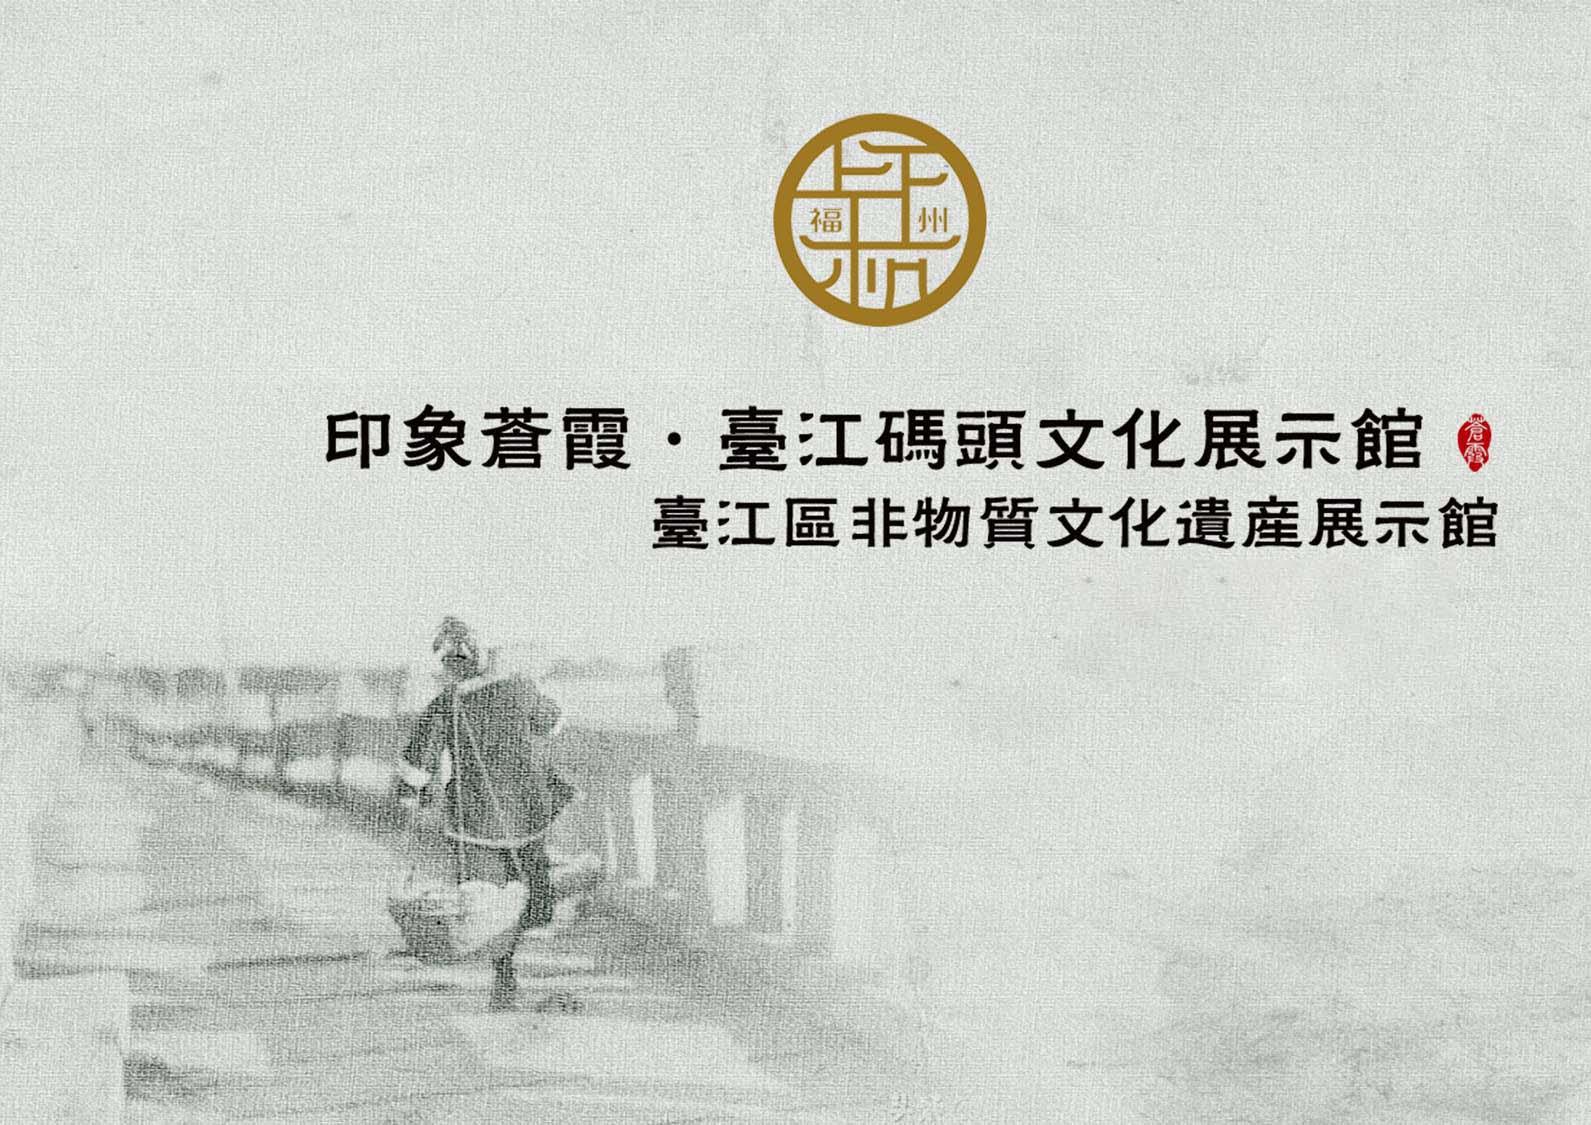 印象蒼霞—福州市臺江區非遺展示館